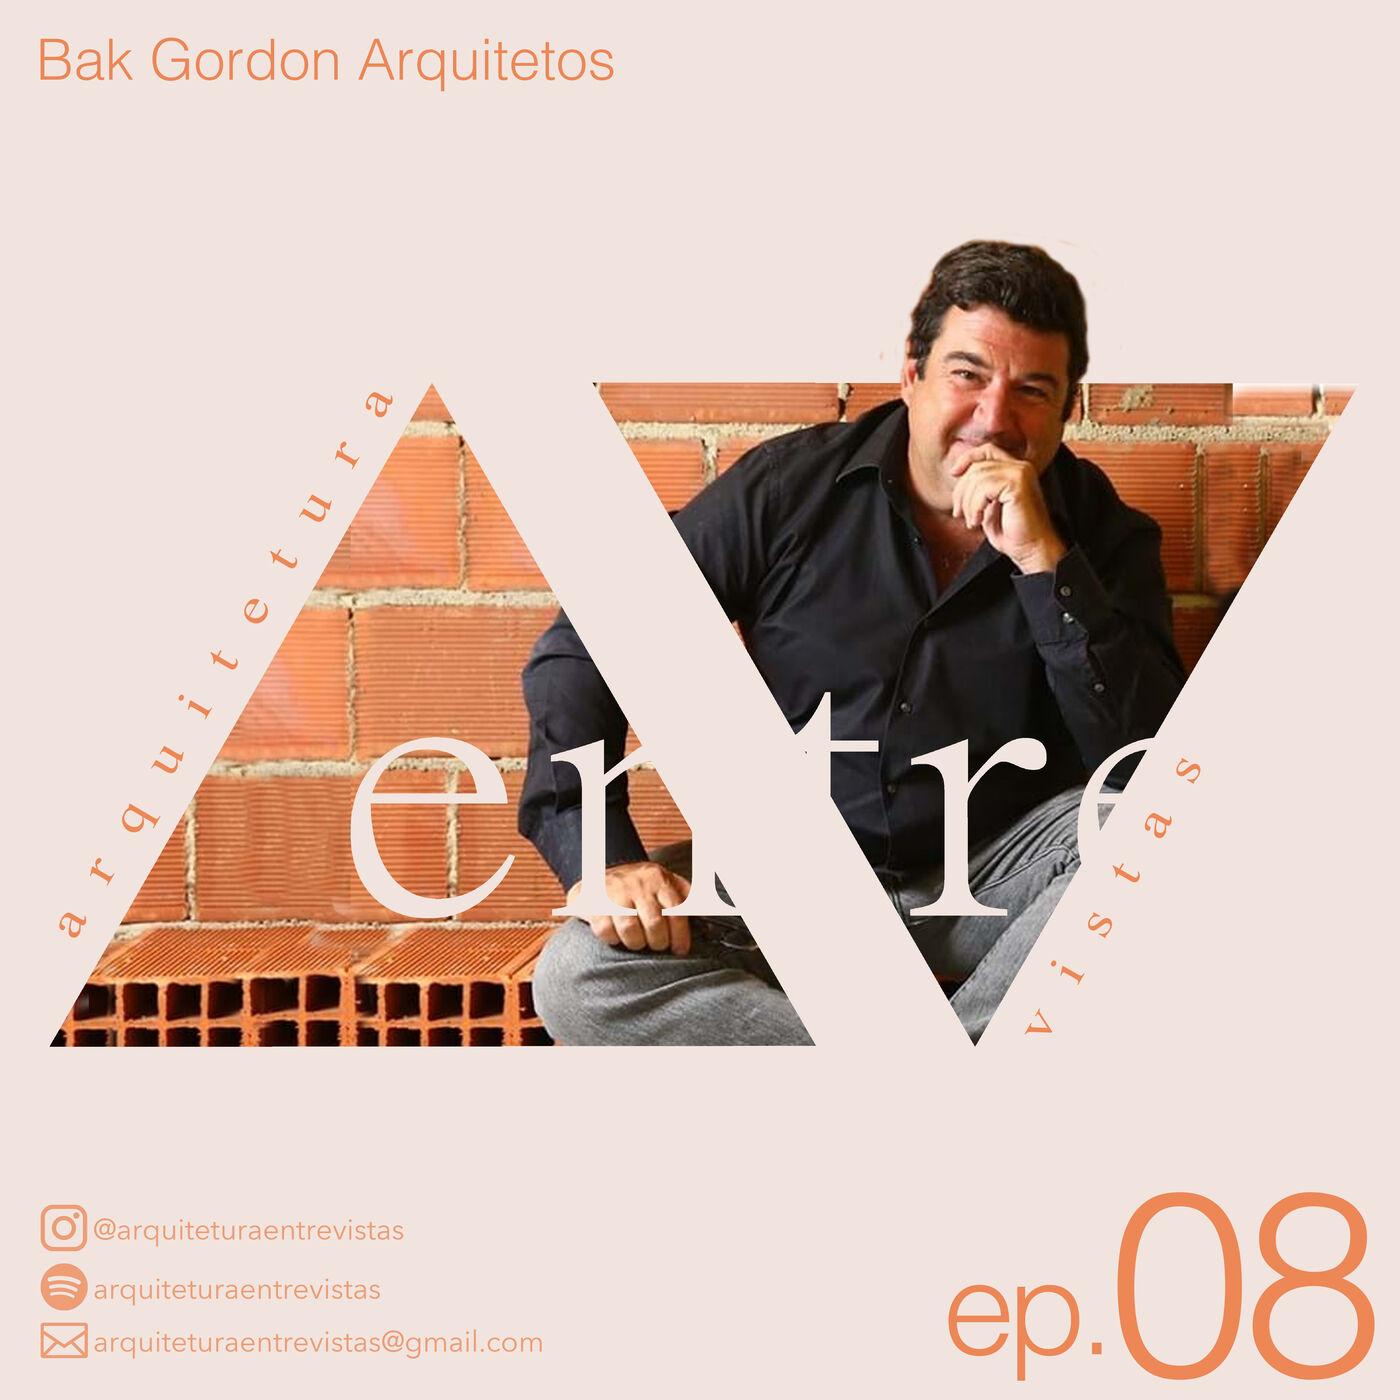 EP.8 Bak Gordon Arquitetos, Arquitetura Entre Vistas